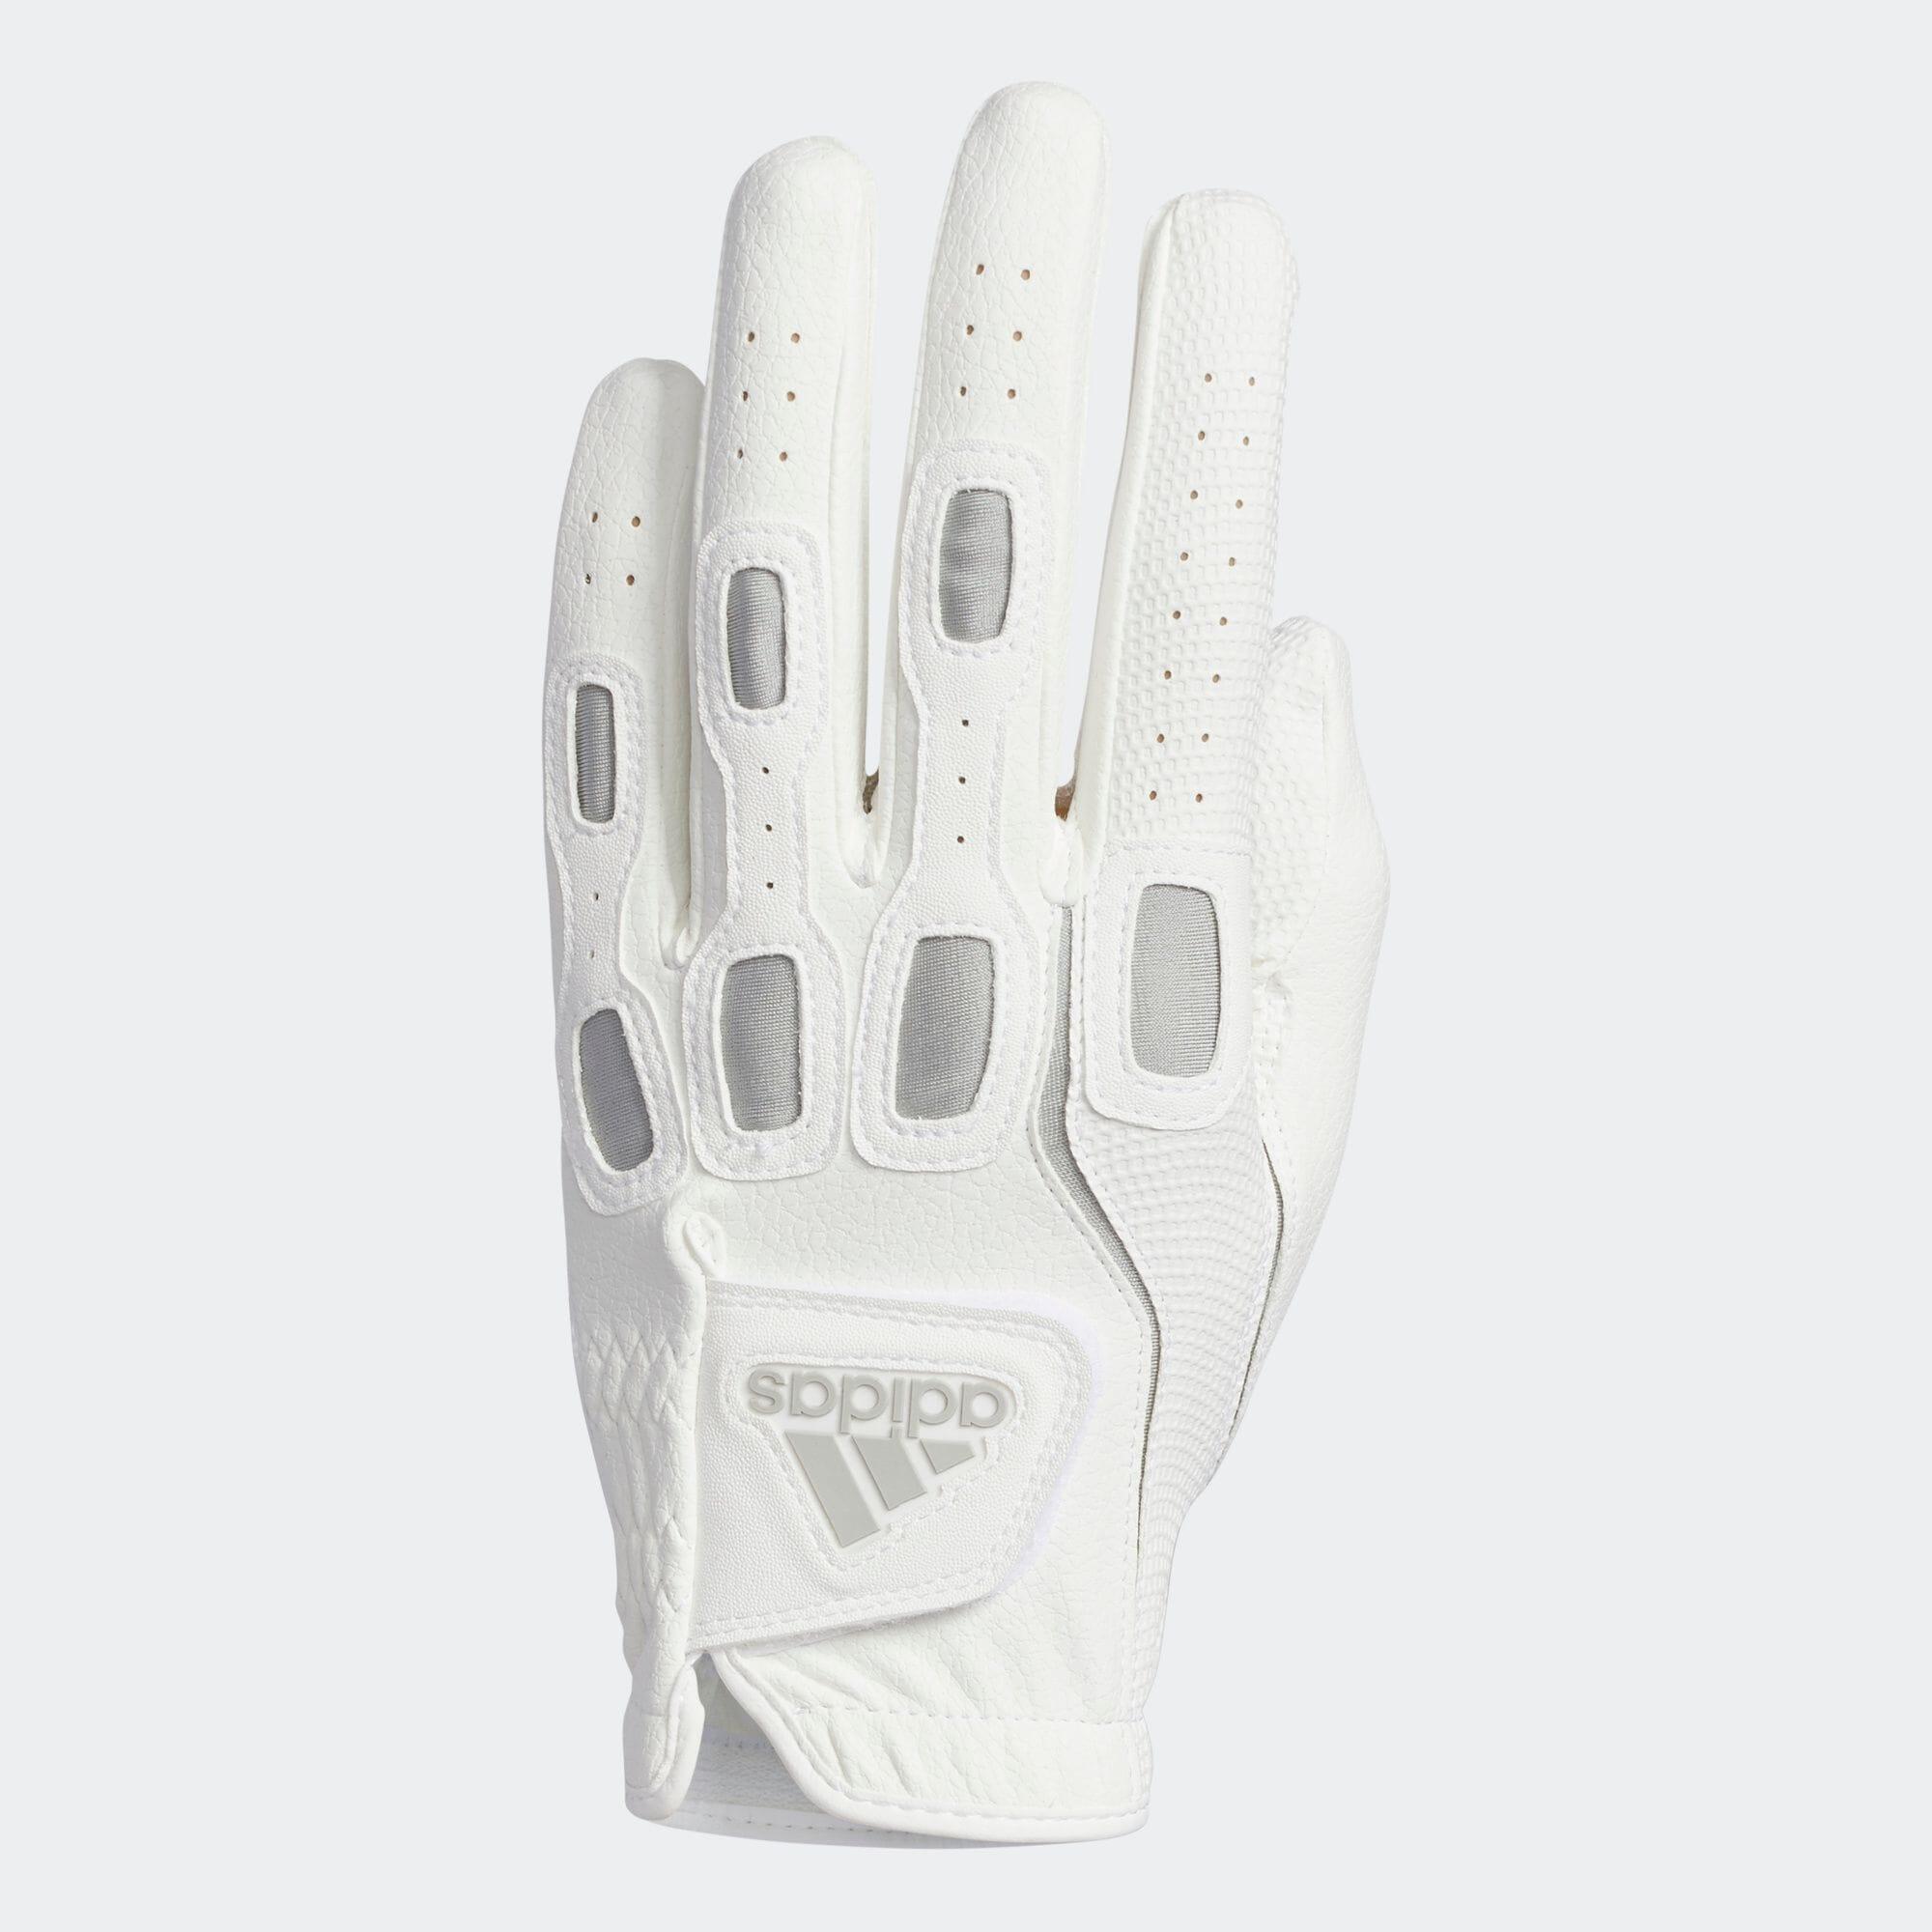 マルチフィット9 グローブ 【ゴルフ】/ Multifit Glove